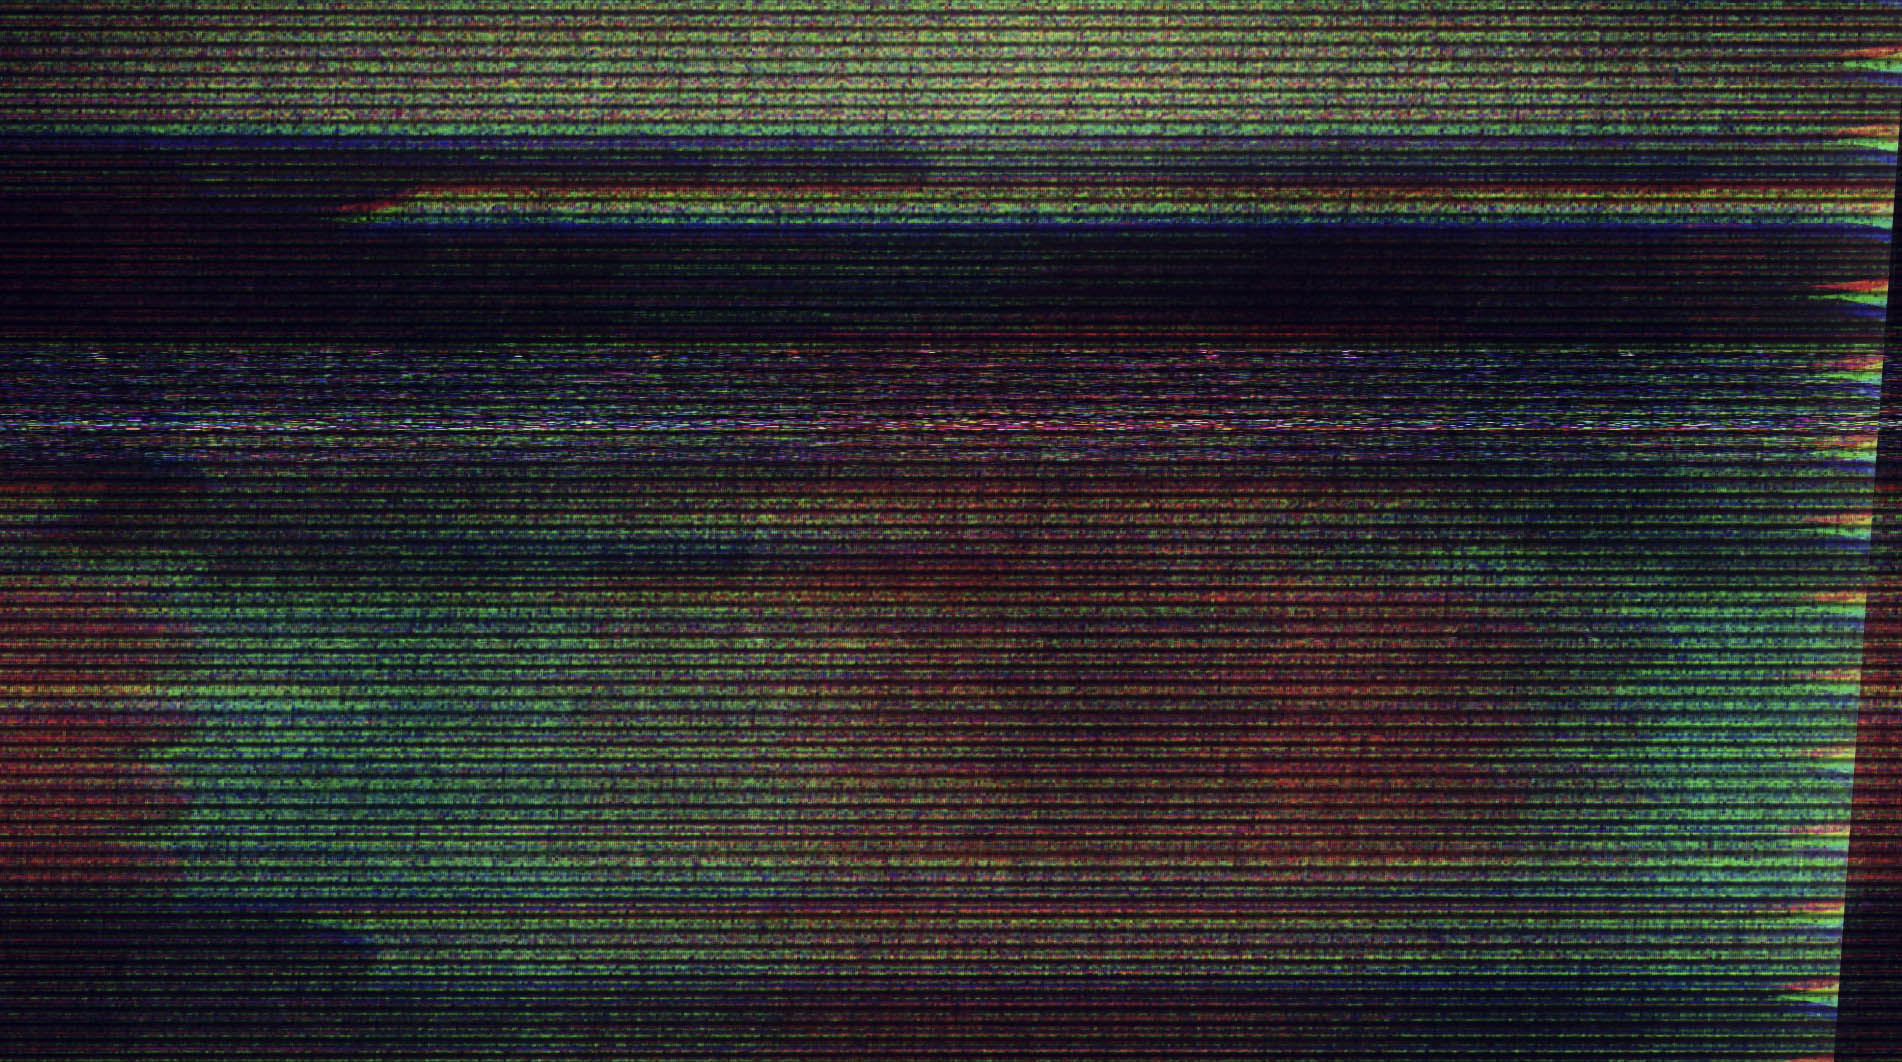 信号干扰屏幕花屏转场叠加效果素材